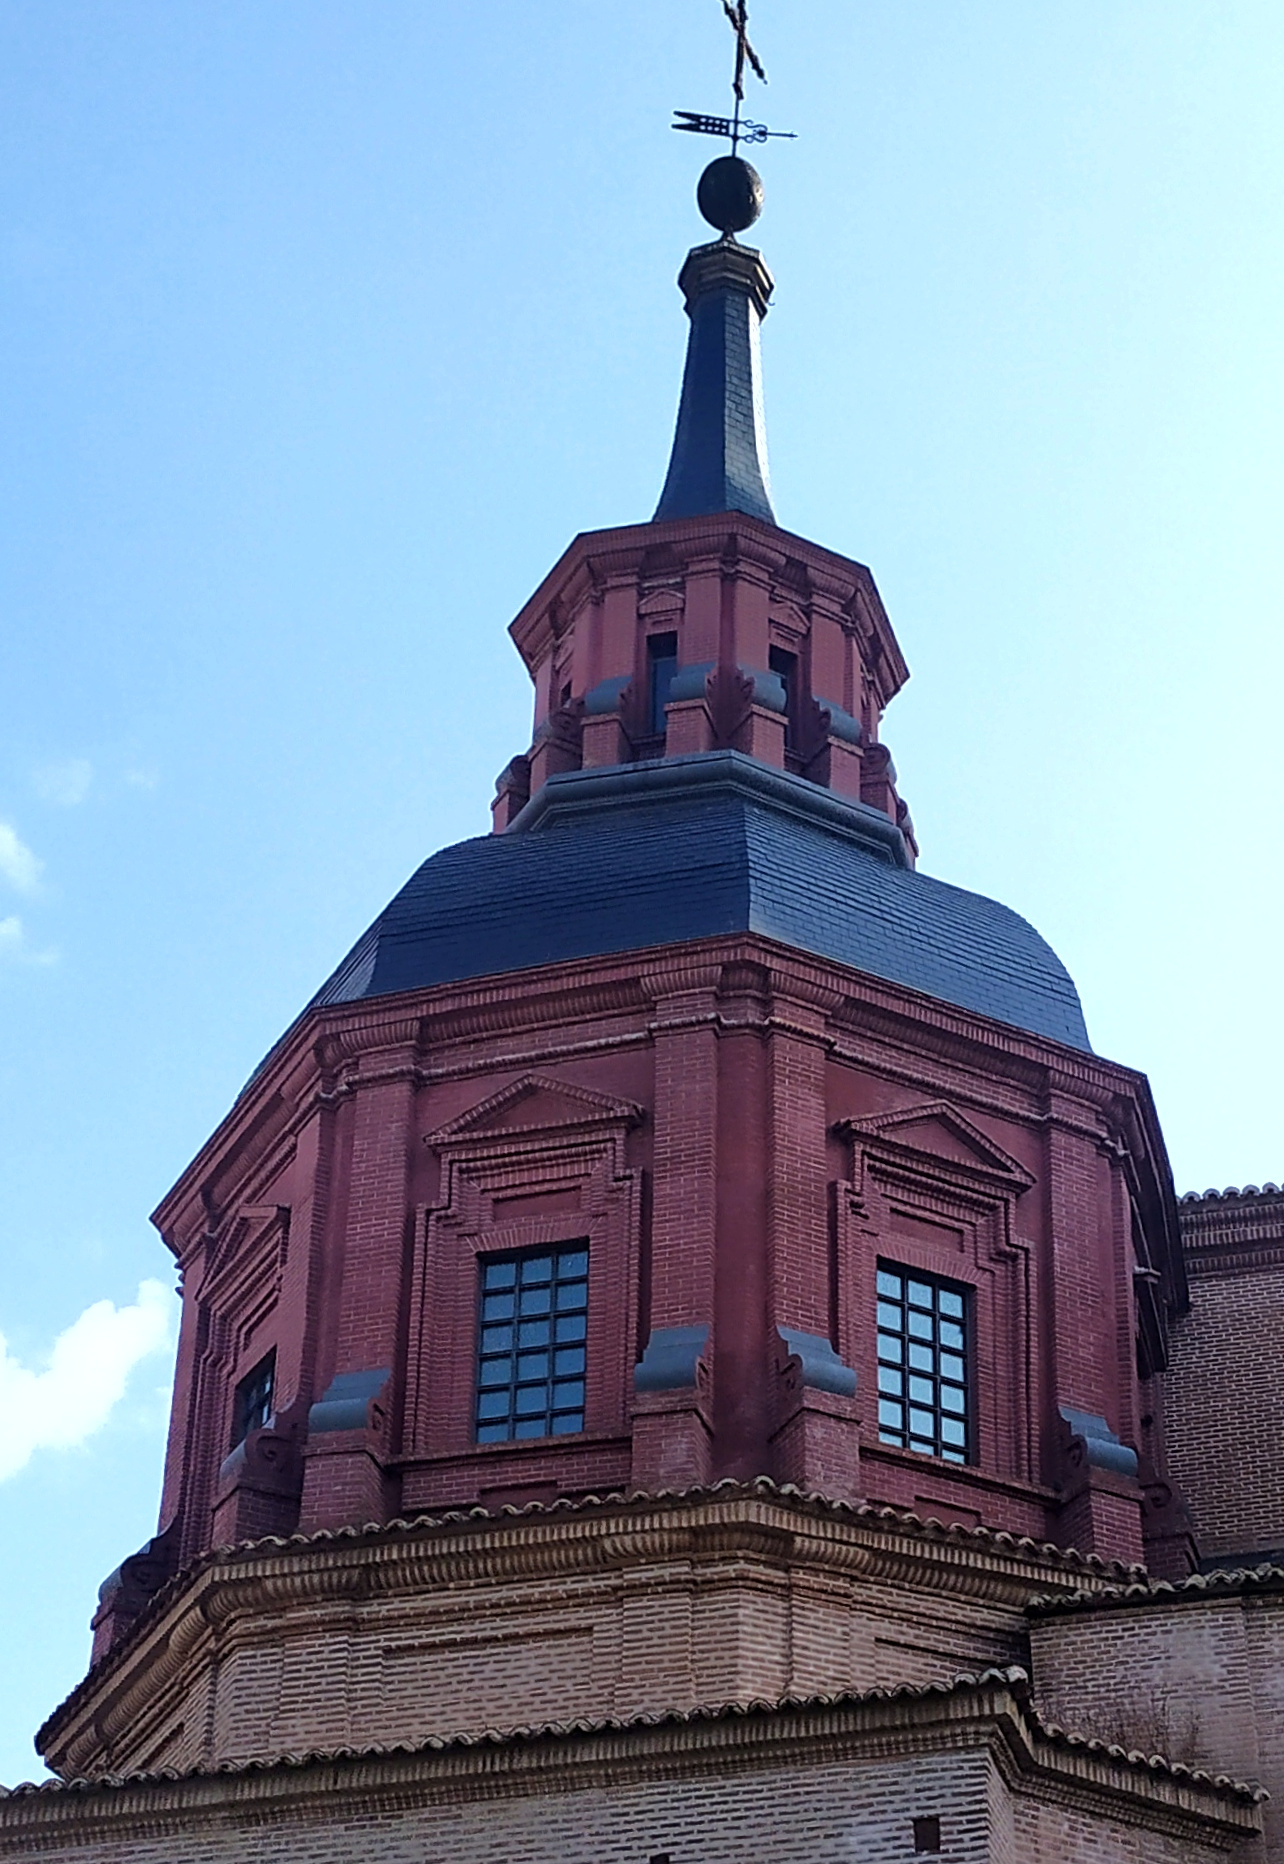 La Capilla y la sacristía de las Santas Formas, Alcalá de Henares